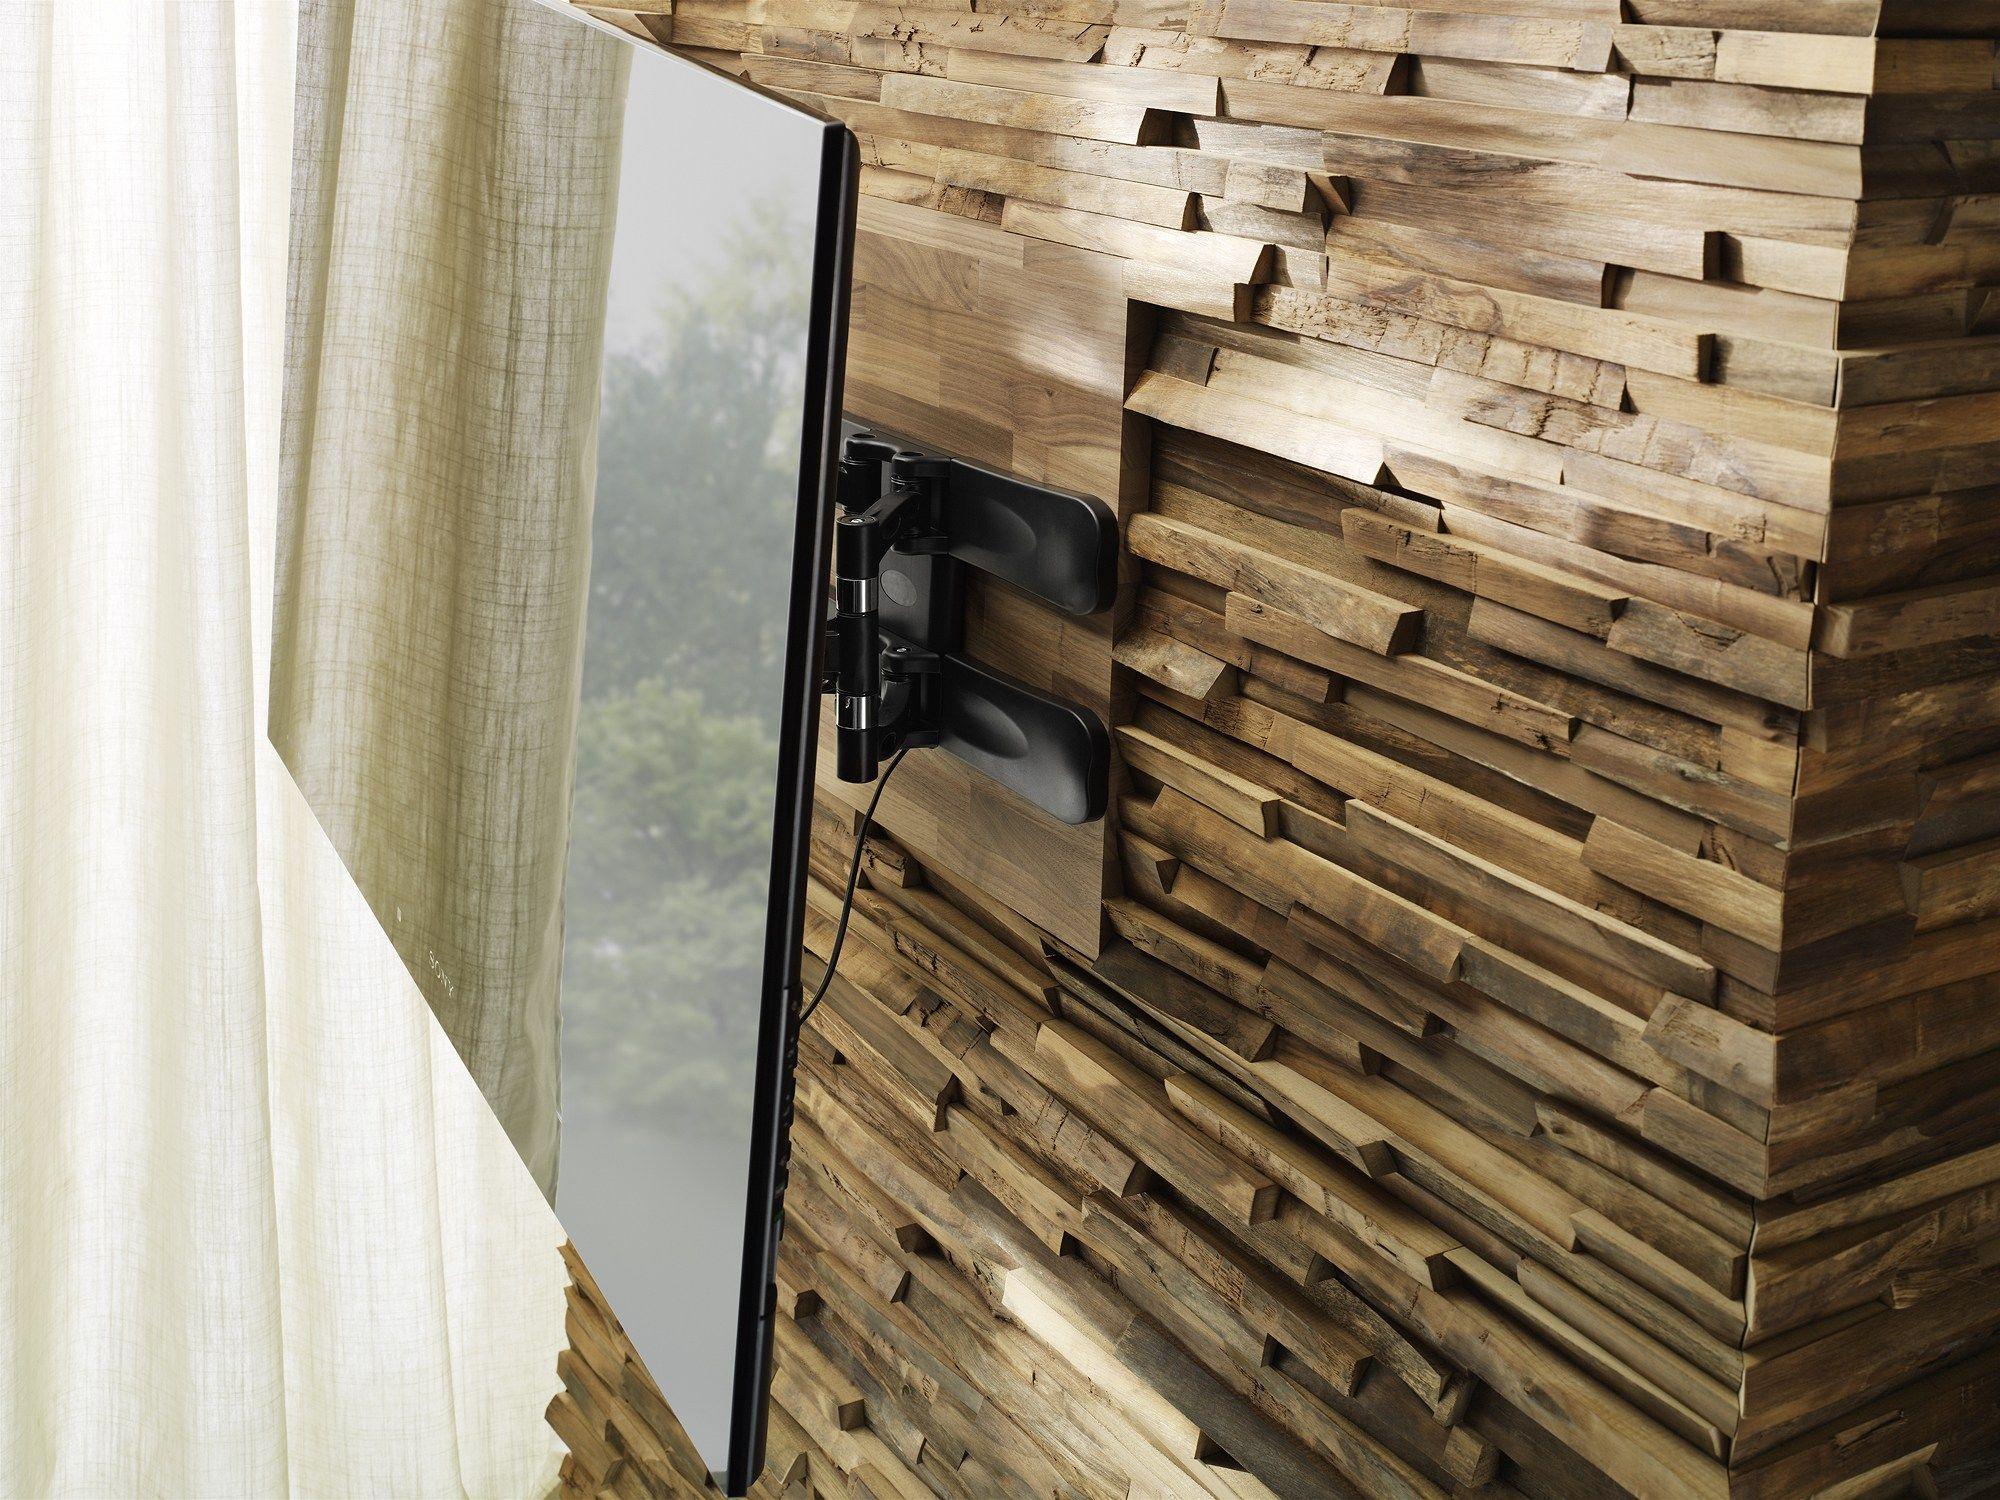 rev tement mural 3d en bois pour int rieur waldkante by team 7 nat rlich wohnen. Black Bedroom Furniture Sets. Home Design Ideas